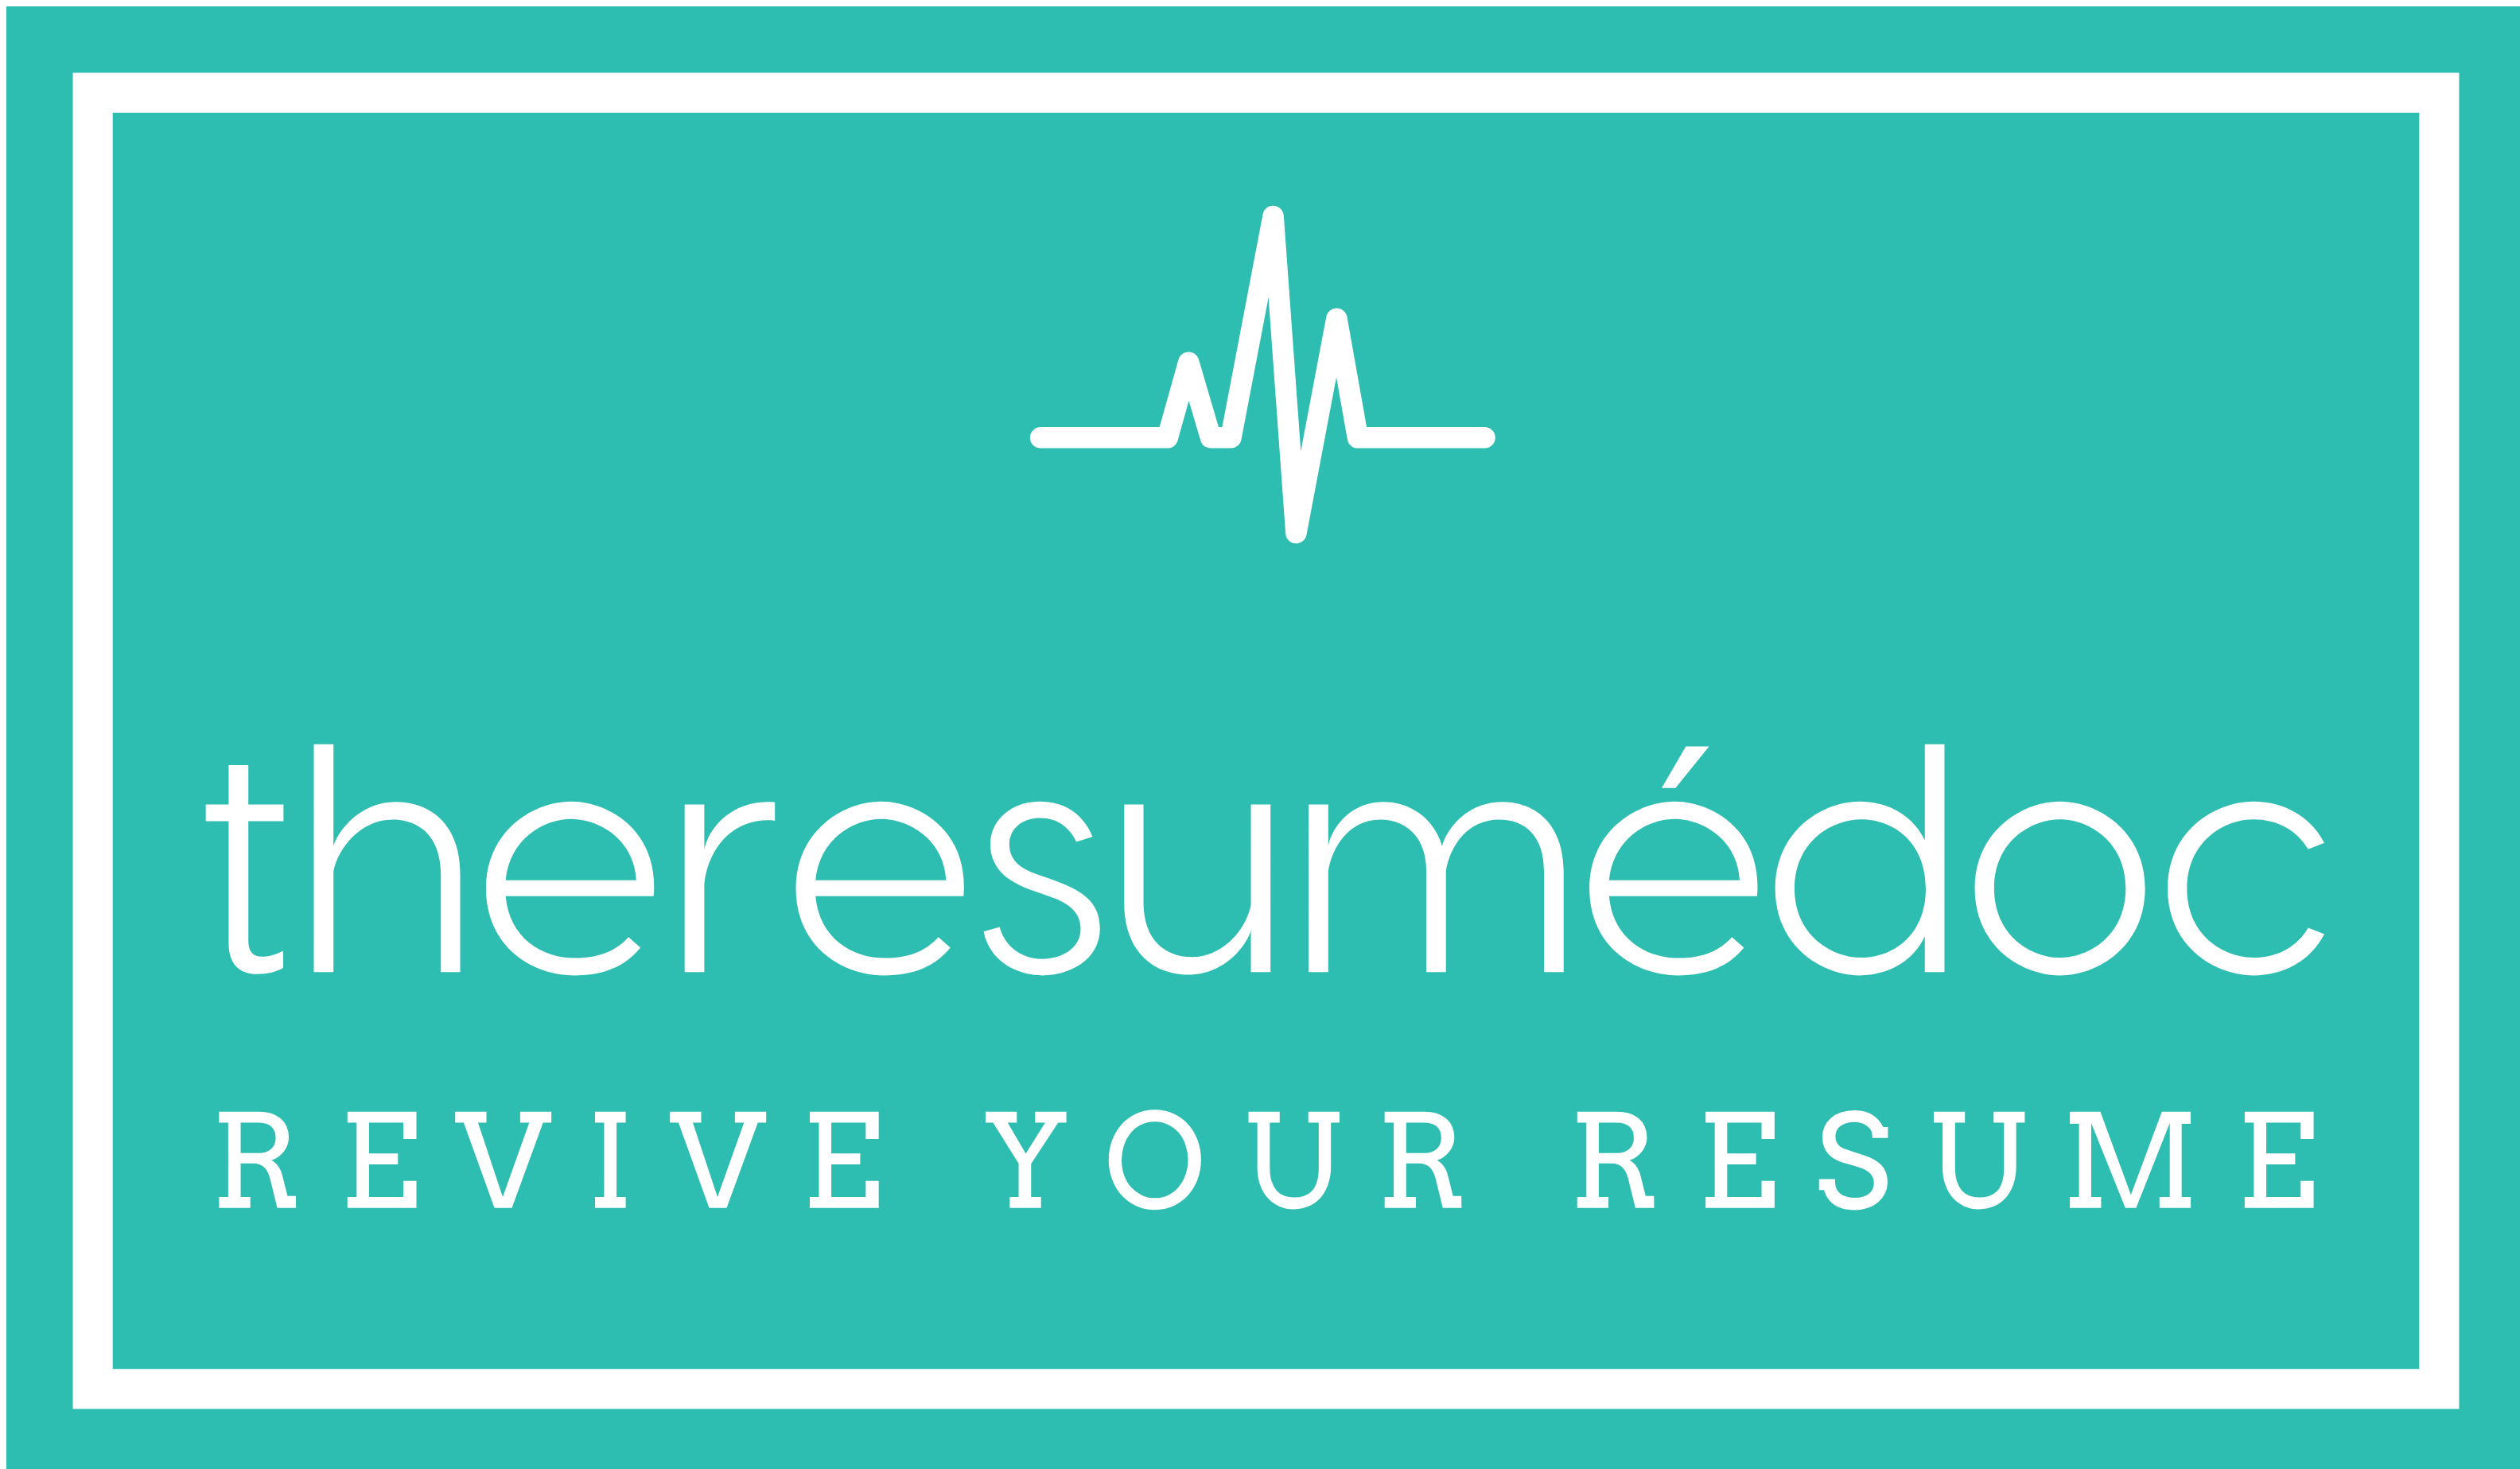 The ResumeDoc